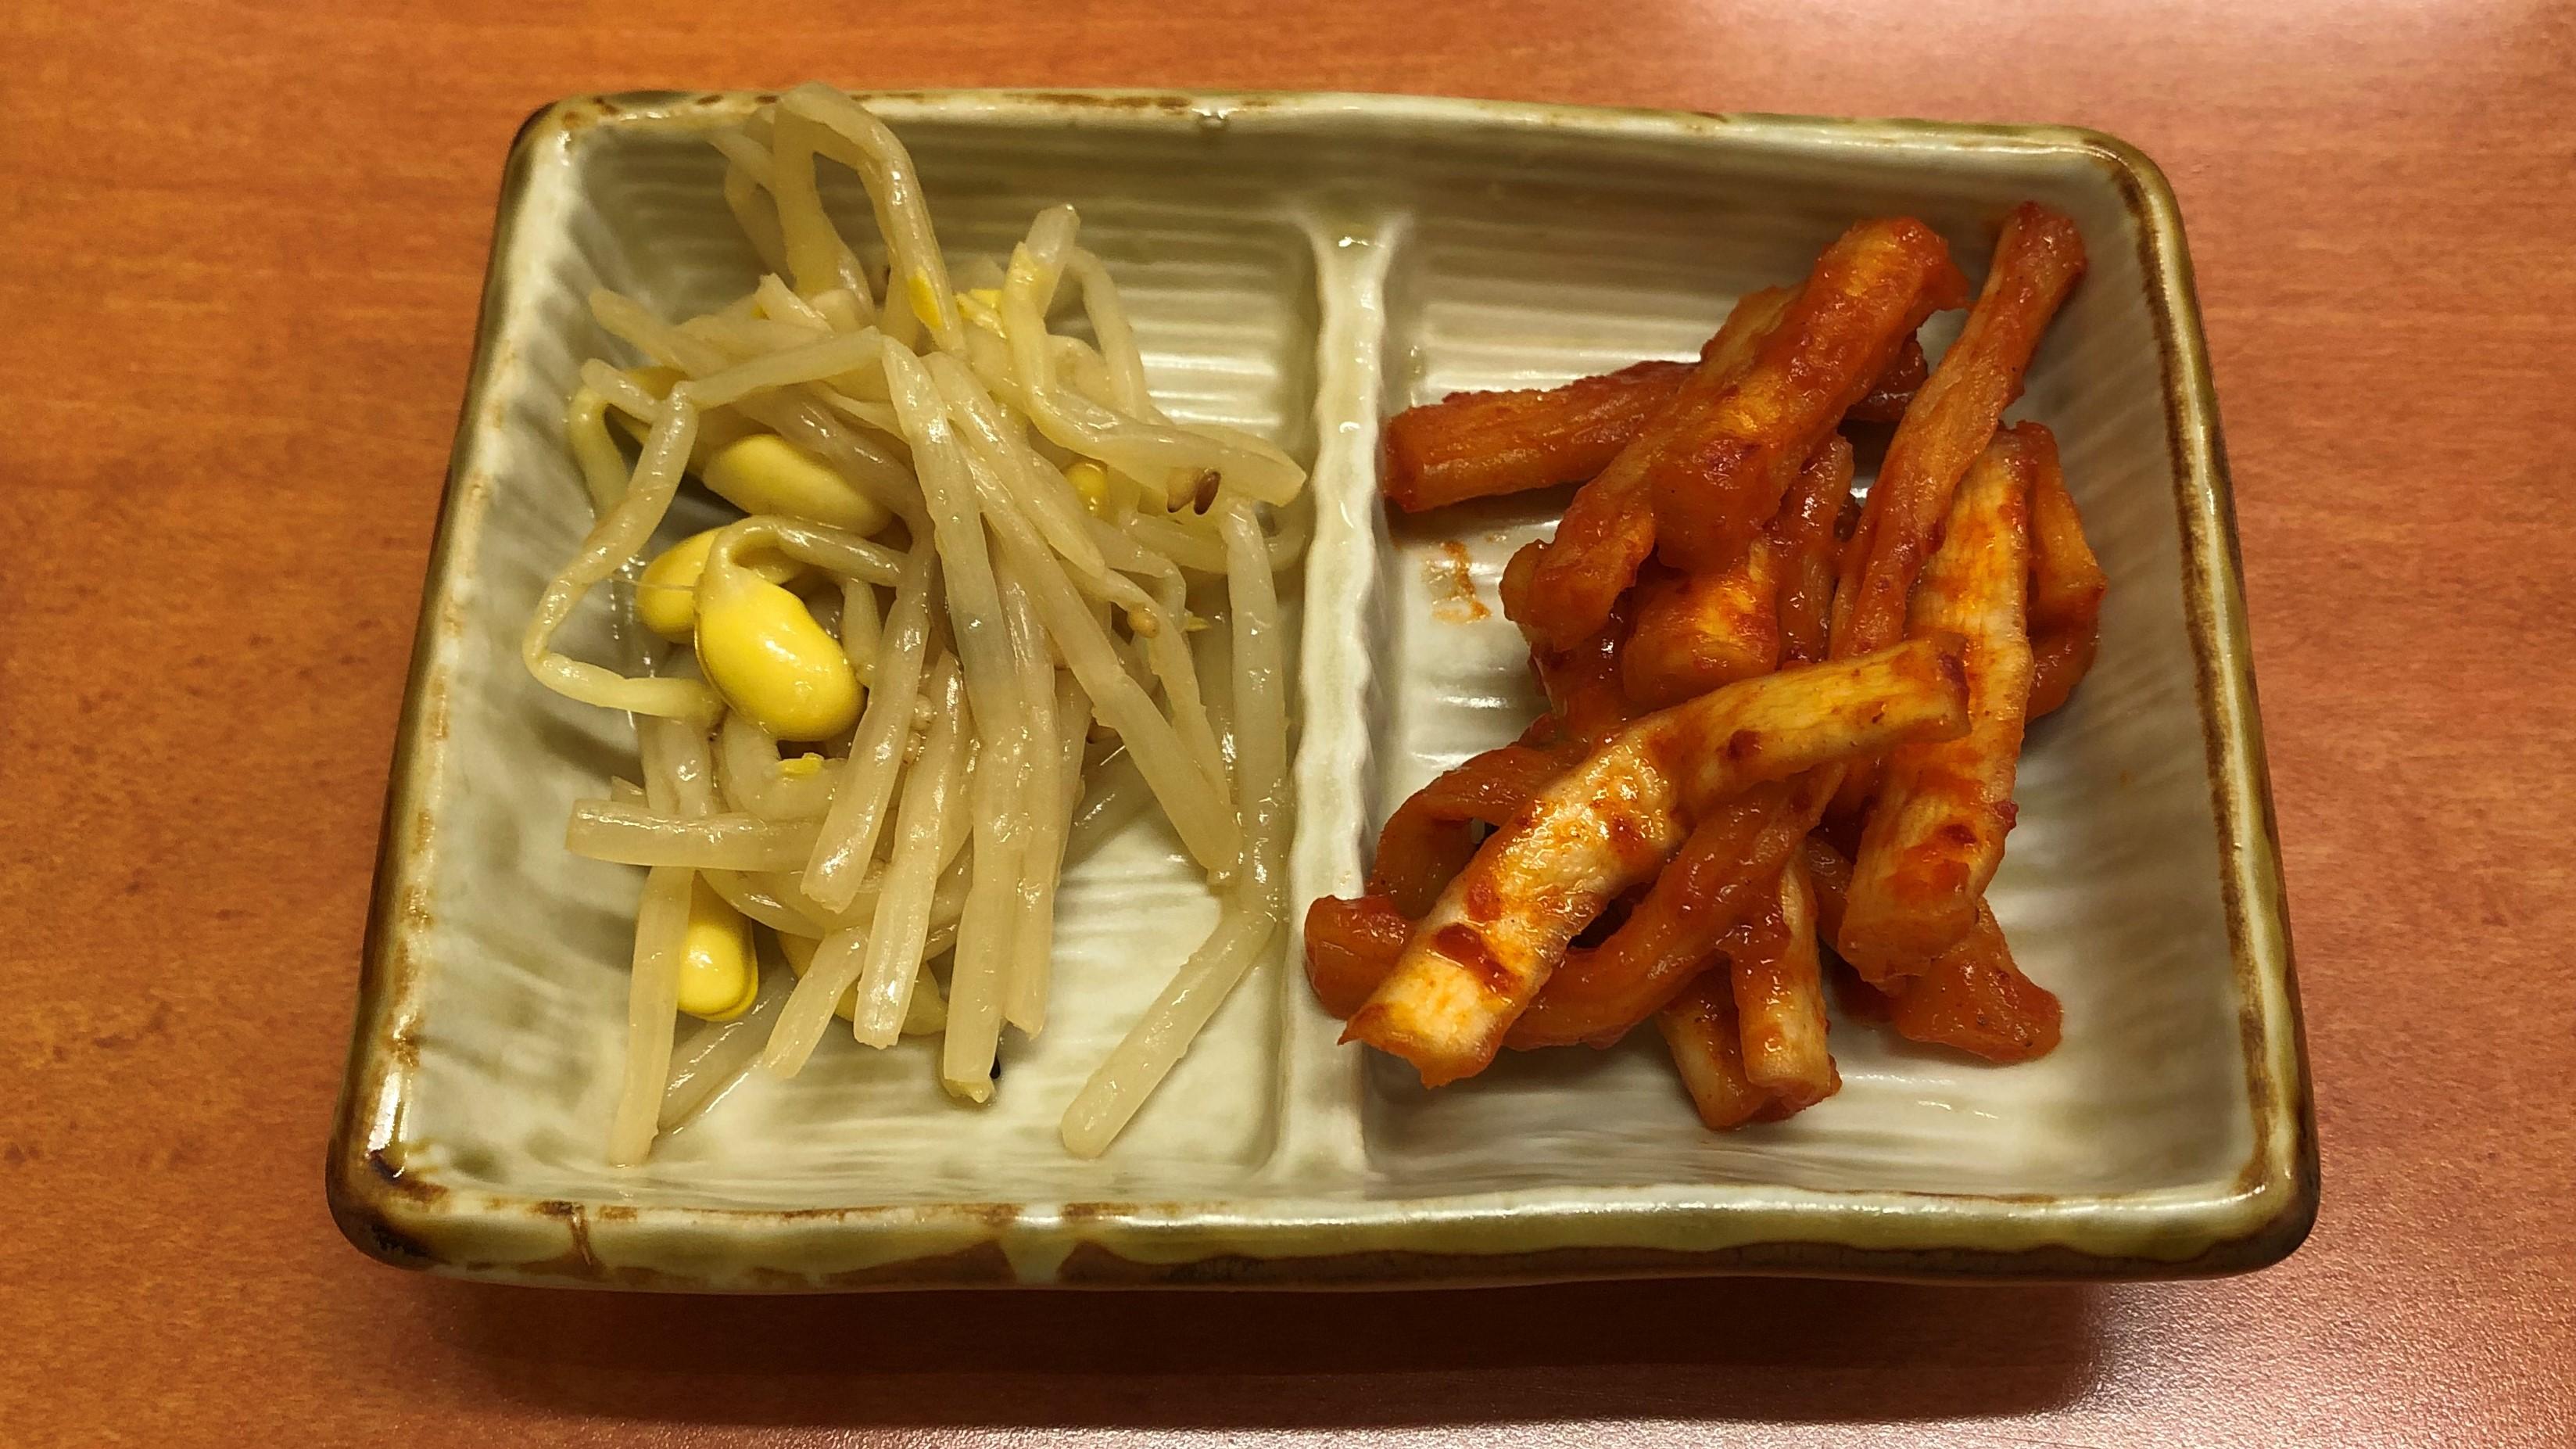 鶴一|焼肉ランチに迷ったらここ!大阪鶴橋駅徒歩5分!【おすすめ】